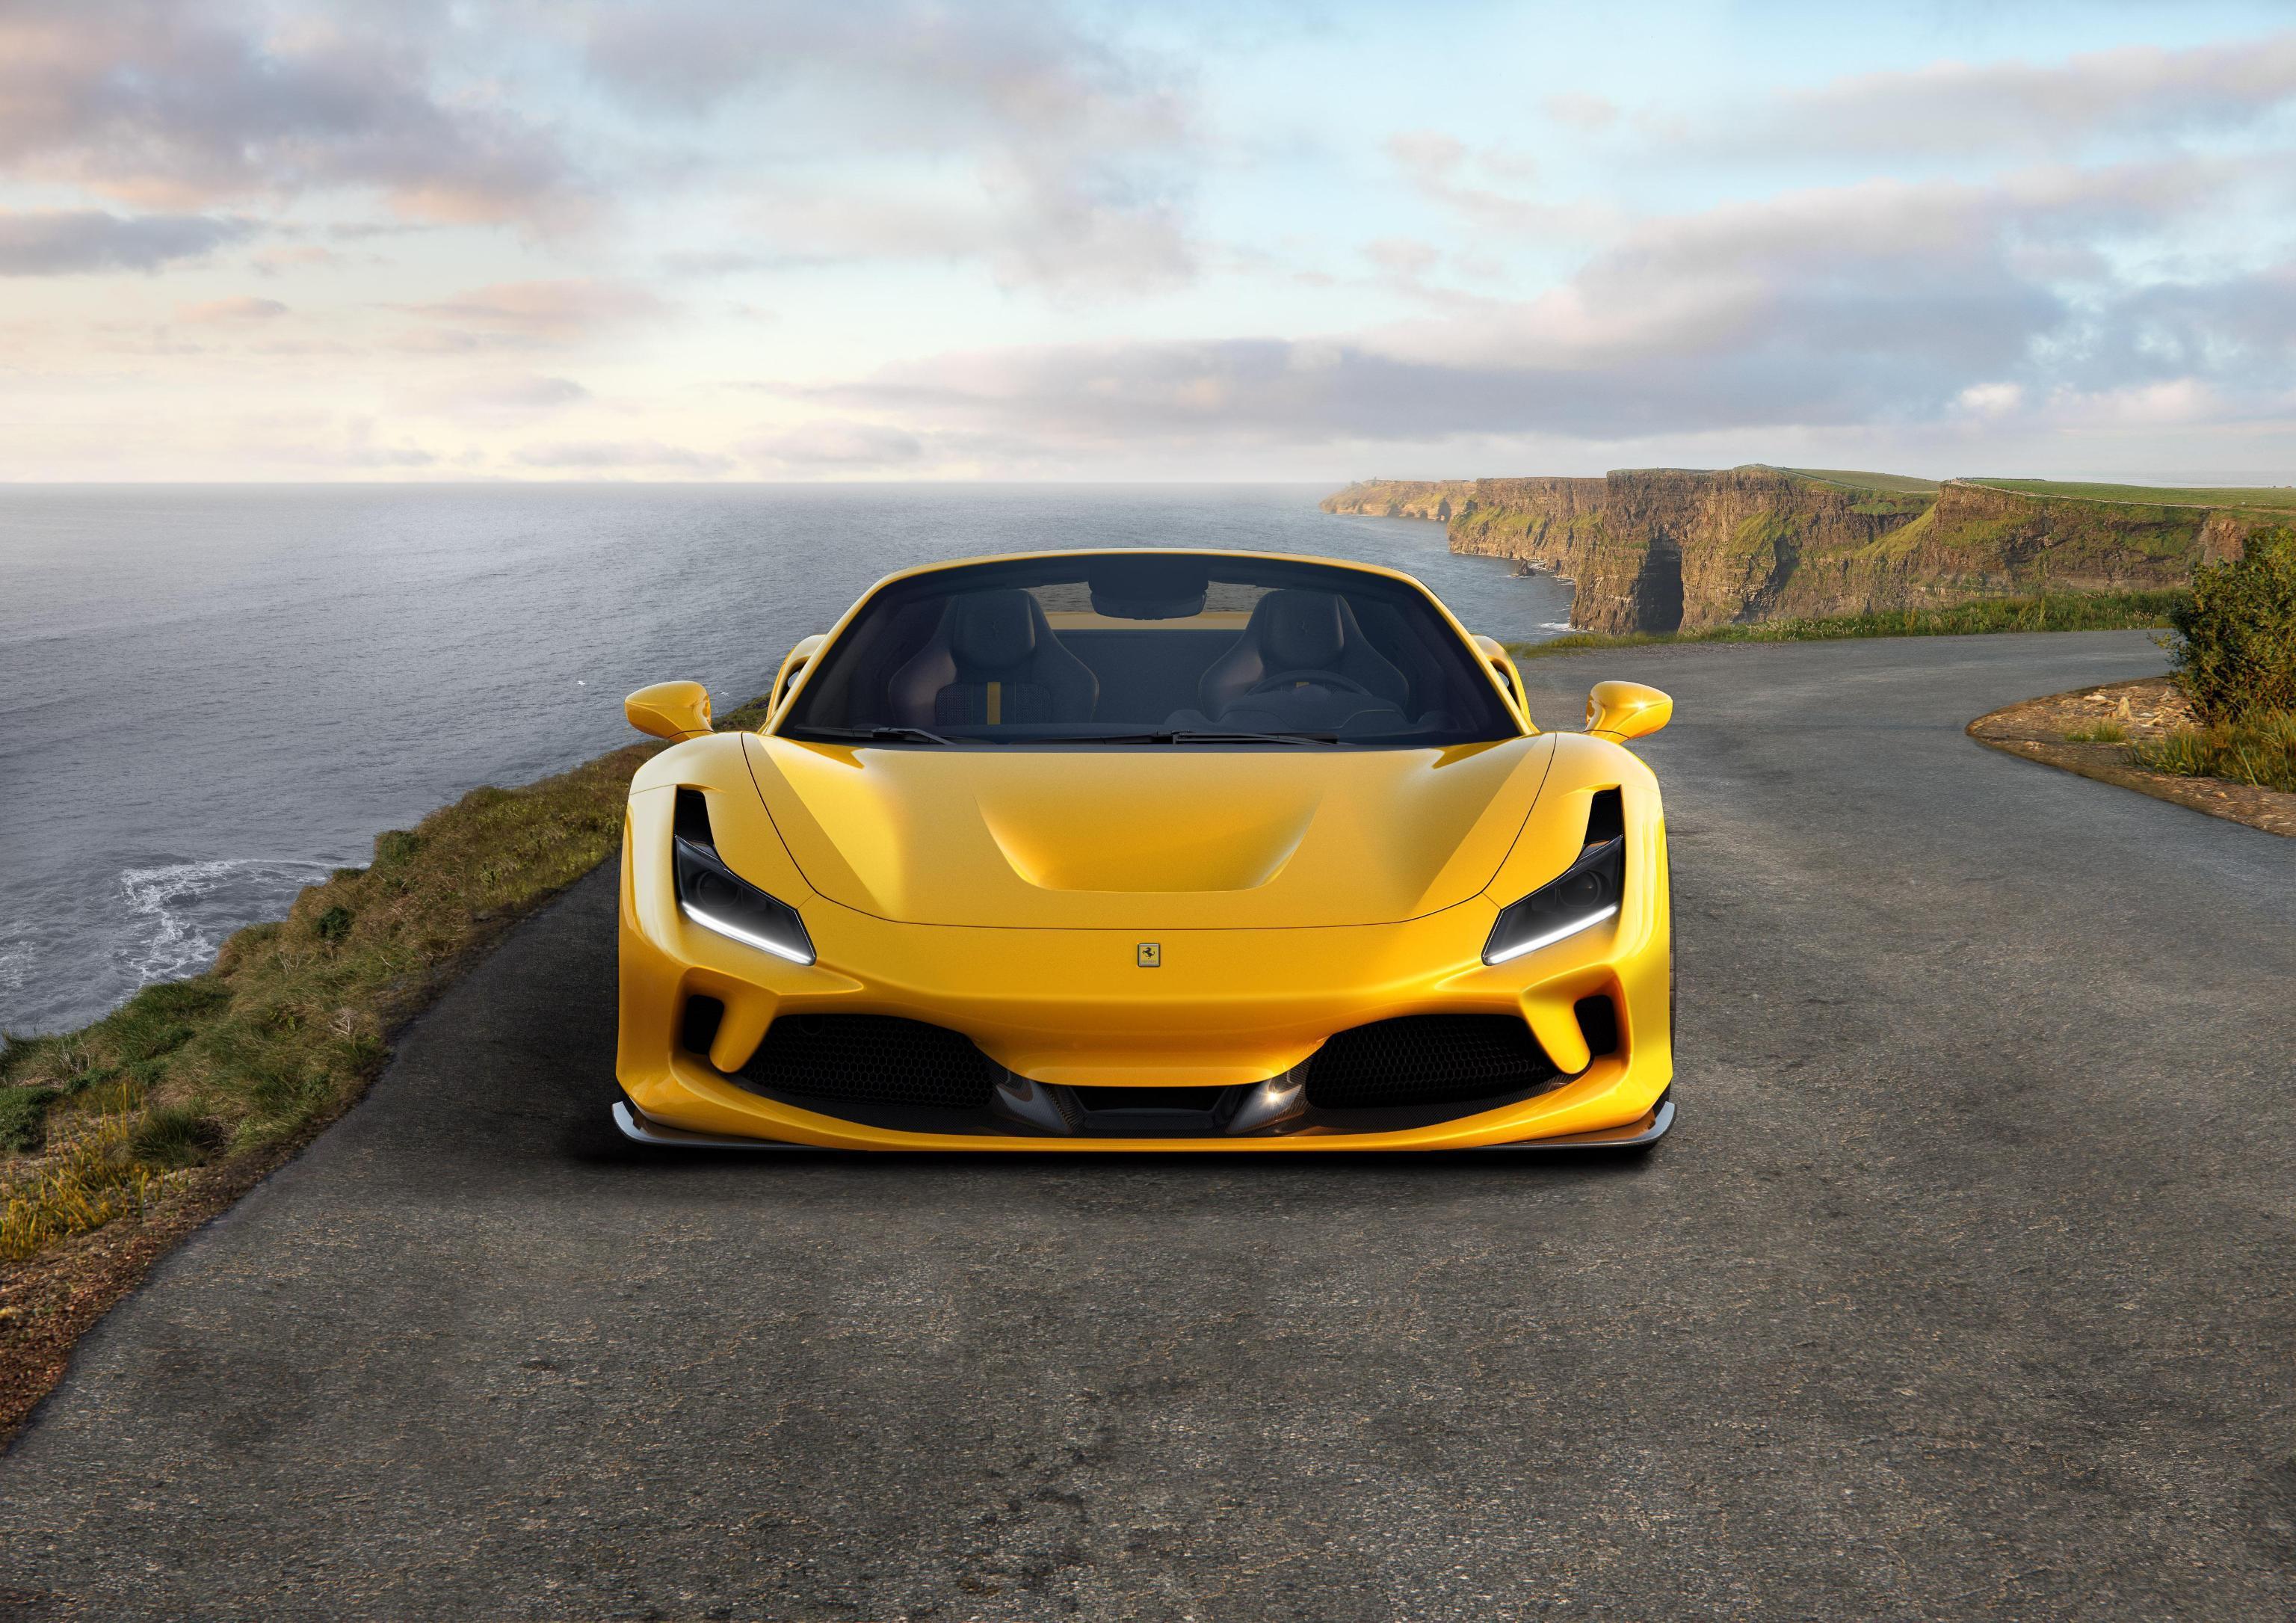 La Ferrari svela un nuovo modello: la F8 Spider. L'auto ha il pregio principale di erogare i suoi 720 cavalli di potenza in maniera istantanea, senza turbo lag, e di mantenere il sound unico del V8. La nuova Ferrari è più leggera di 20 kg rispetto al modello precedente